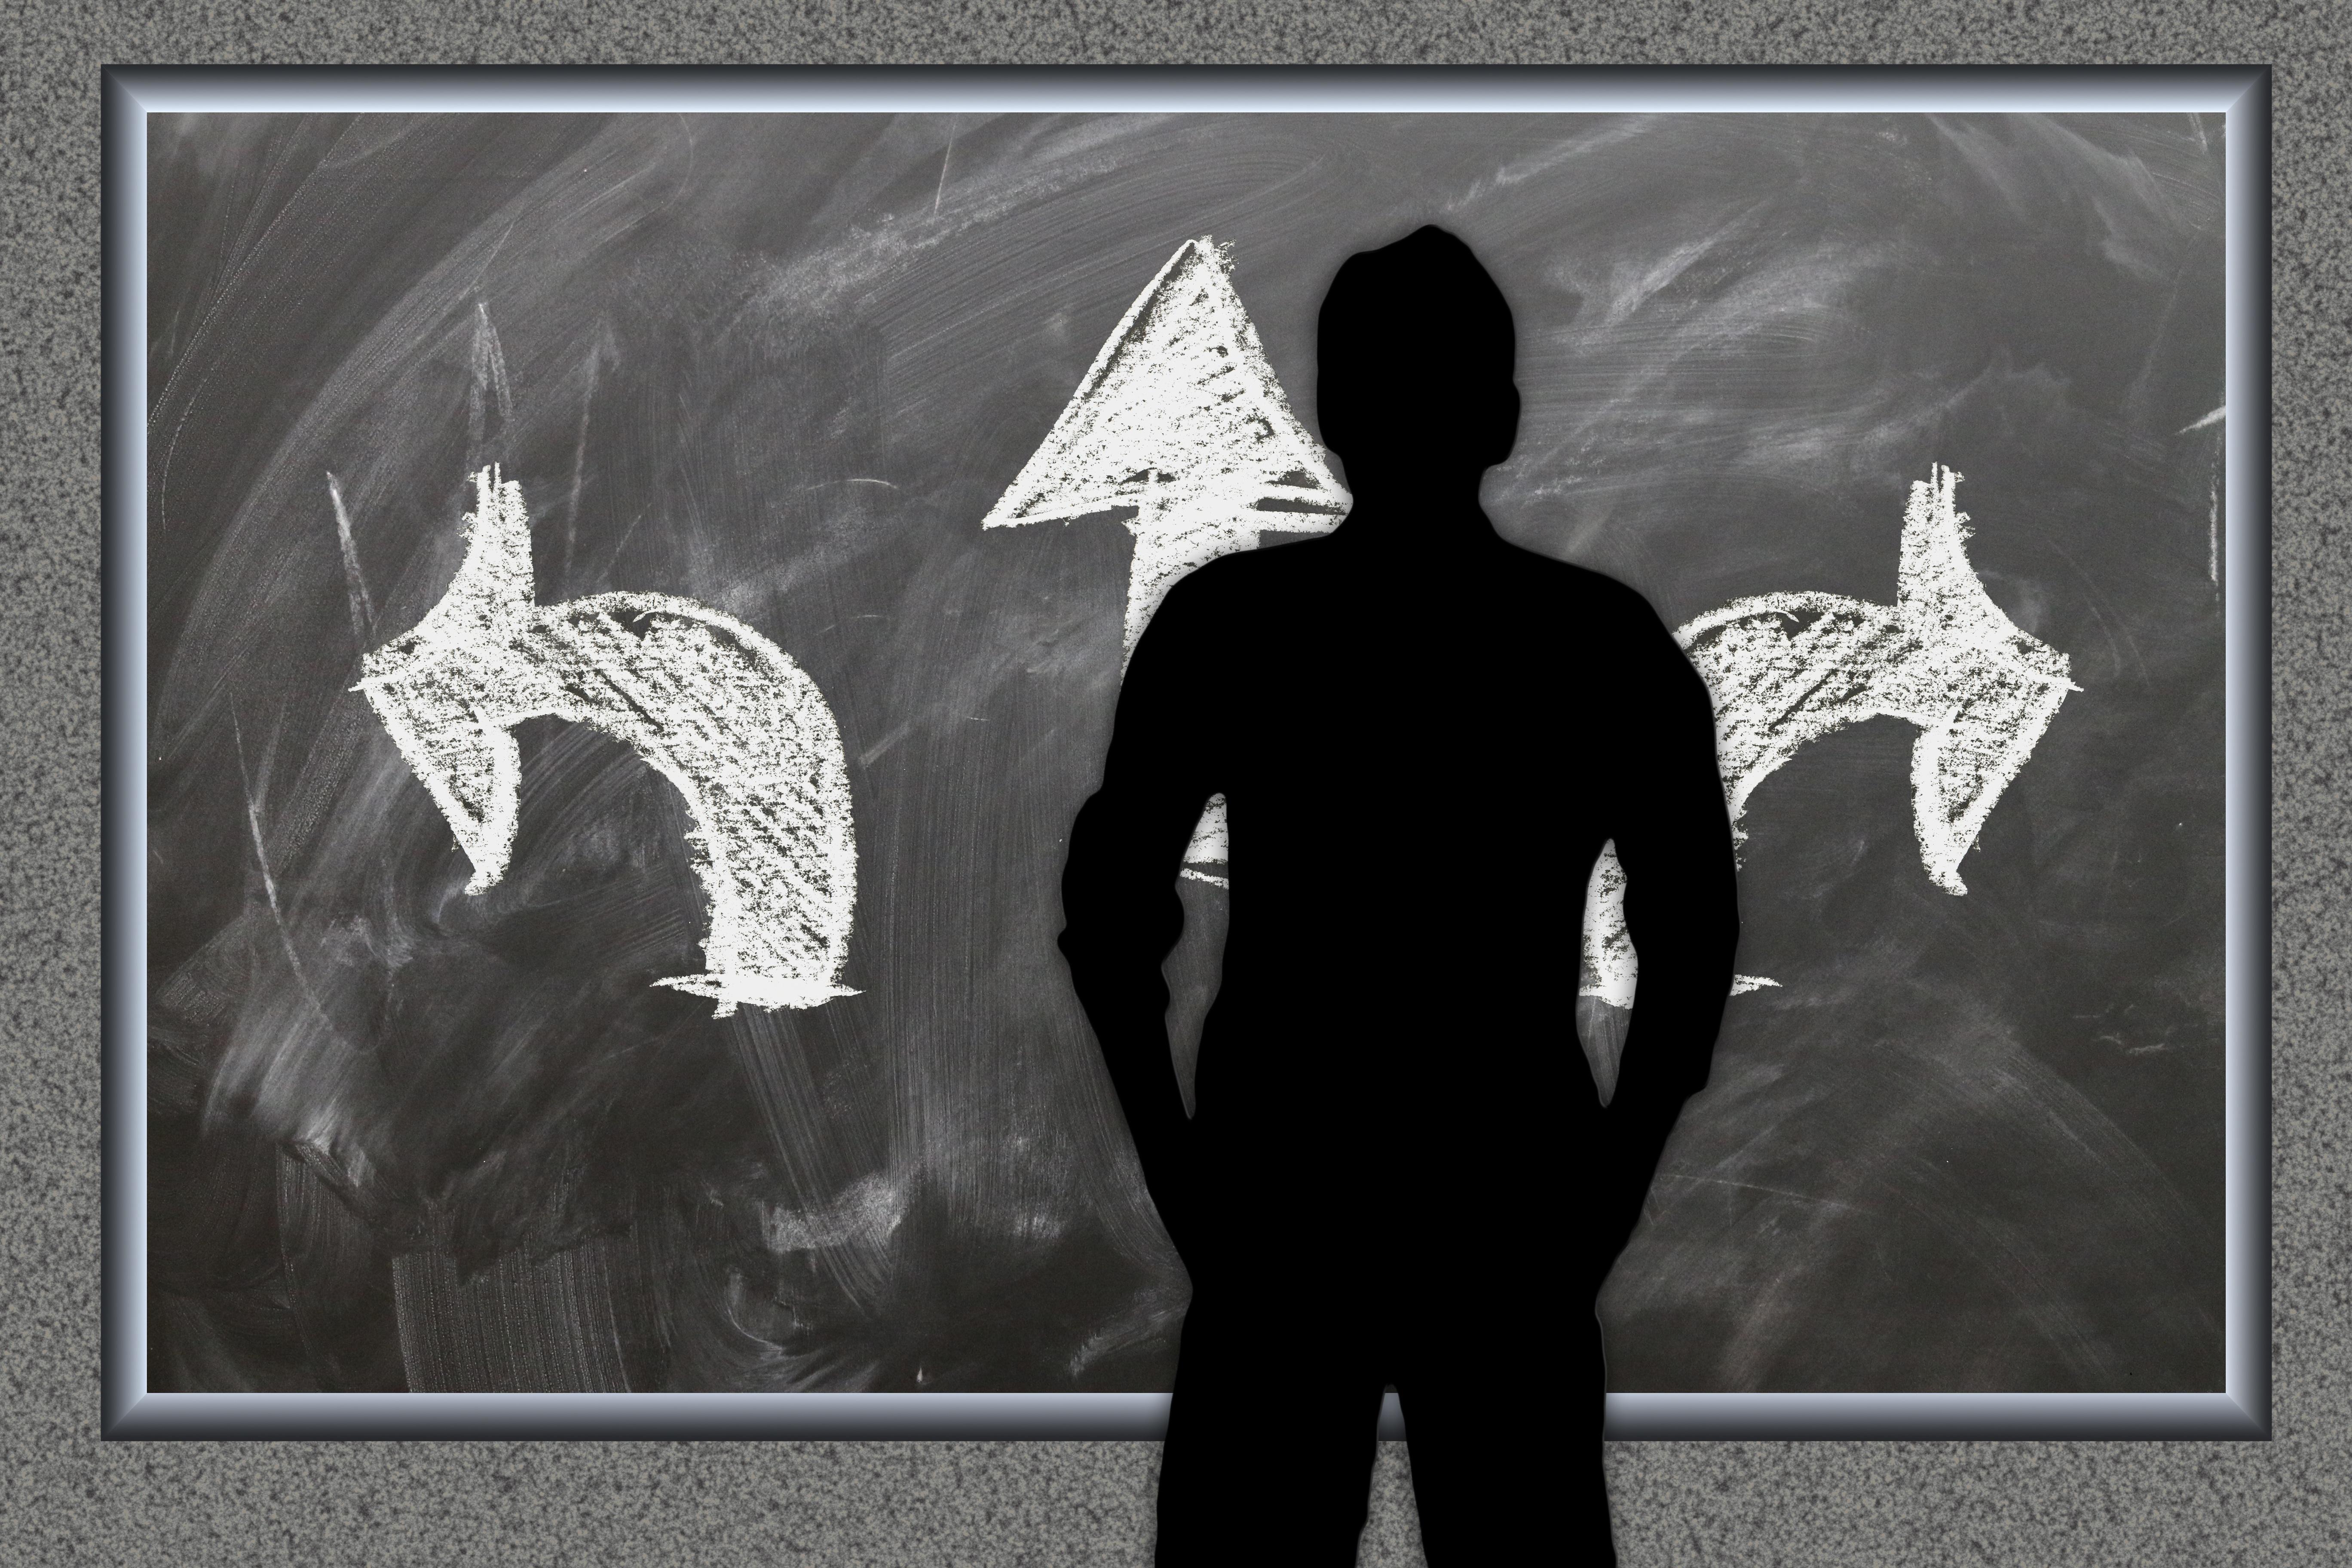 על קצה המזלג: מוצרי חיסכון לטווח בינוני וארוך